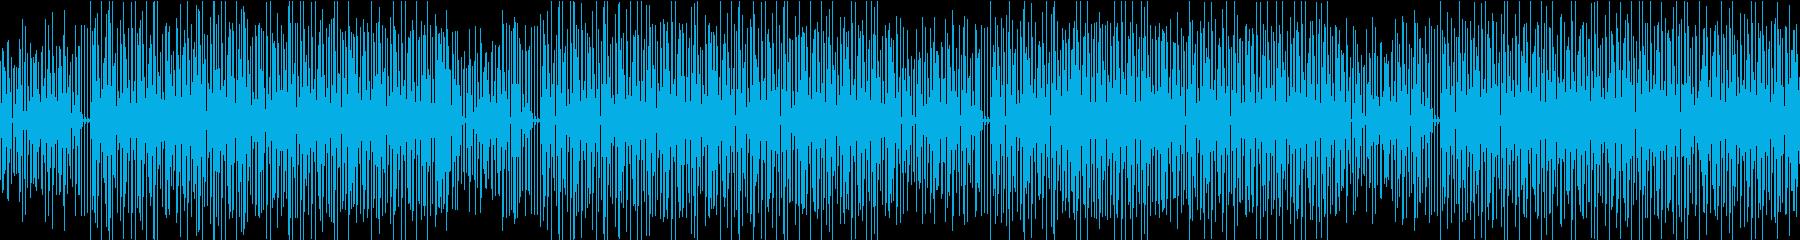 優しいウクレレ・まったり生配信ループの再生済みの波形